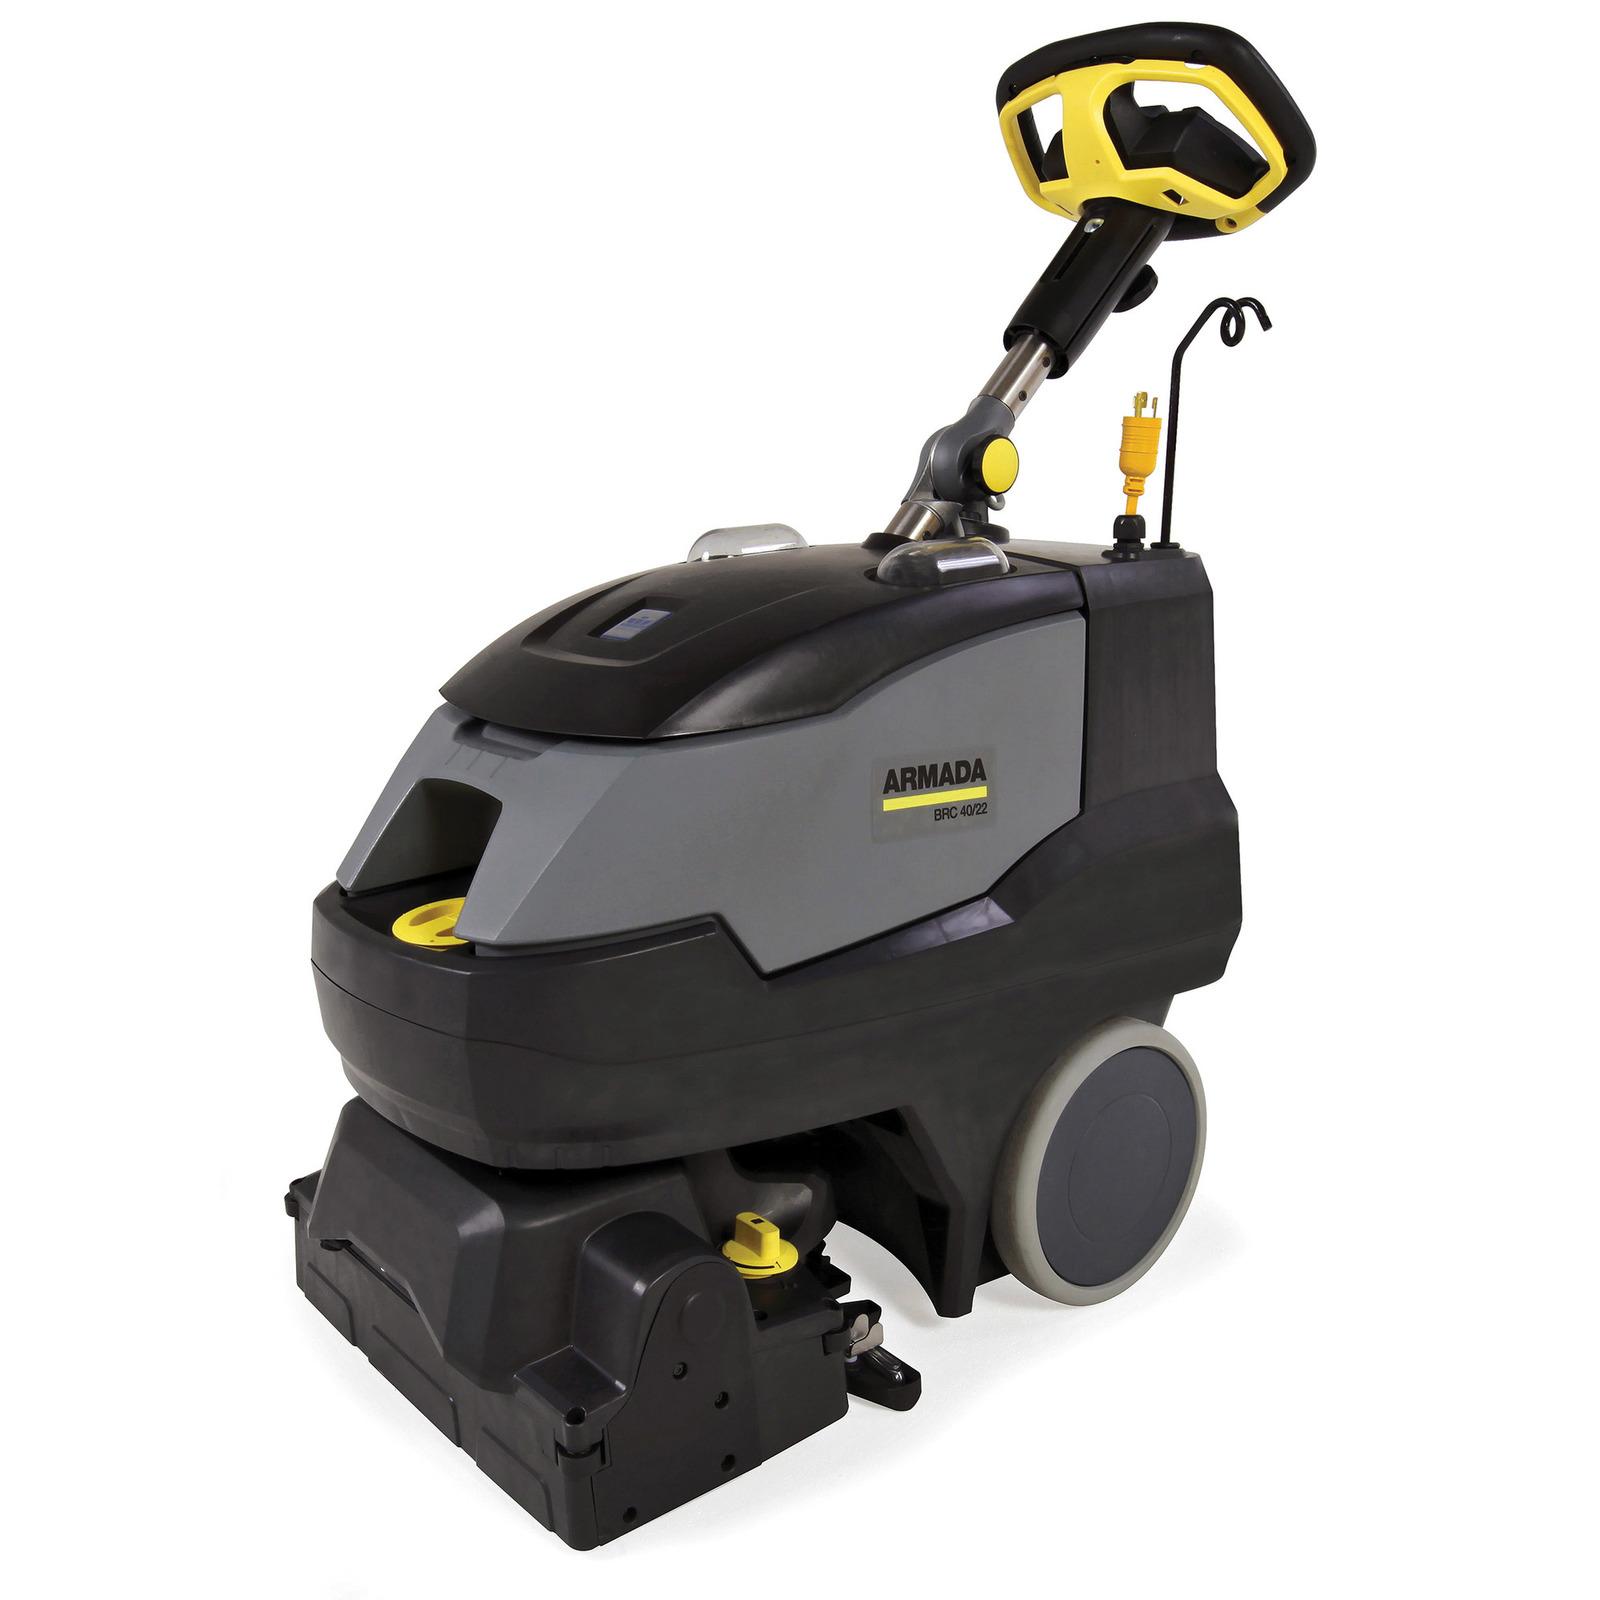 Karcher 1 008-060 0 Windsor Armada Brc 40 22 Carpet Cleaning